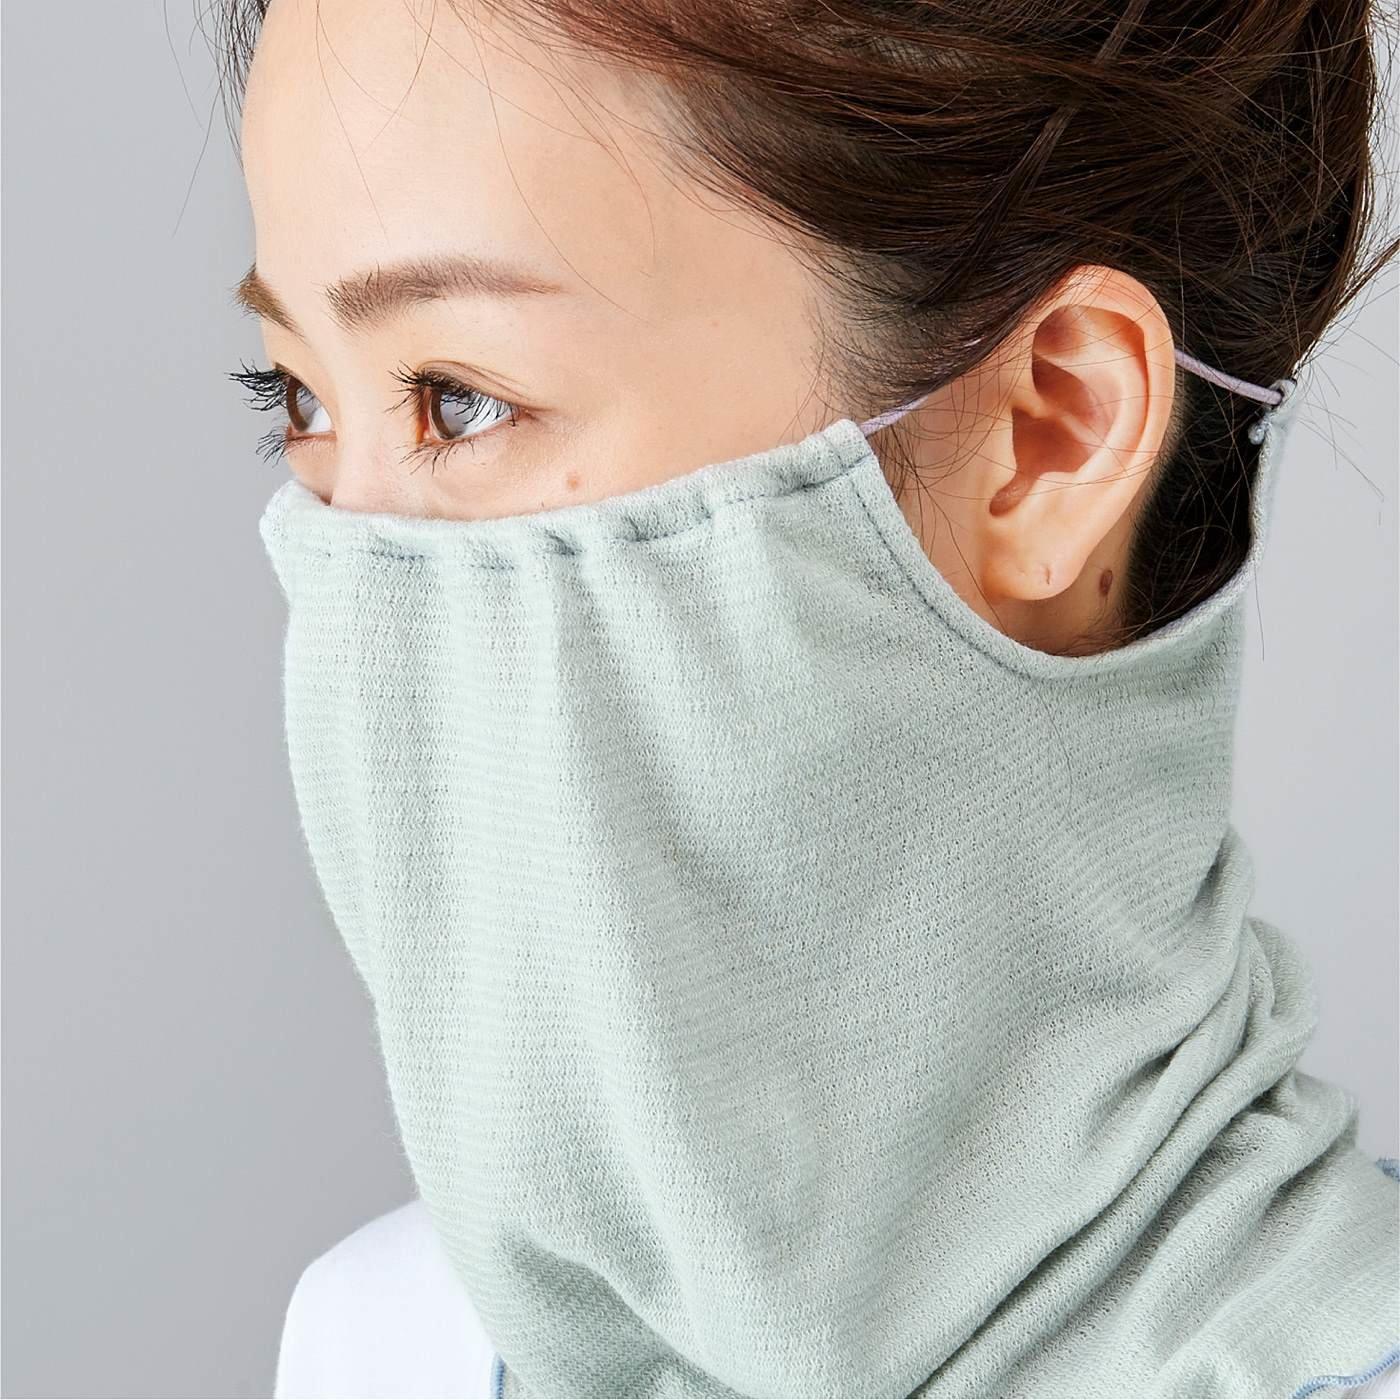 寝ているあいだもずれにくい 乾燥対策 シルク混寝るときスヌードマスクの会